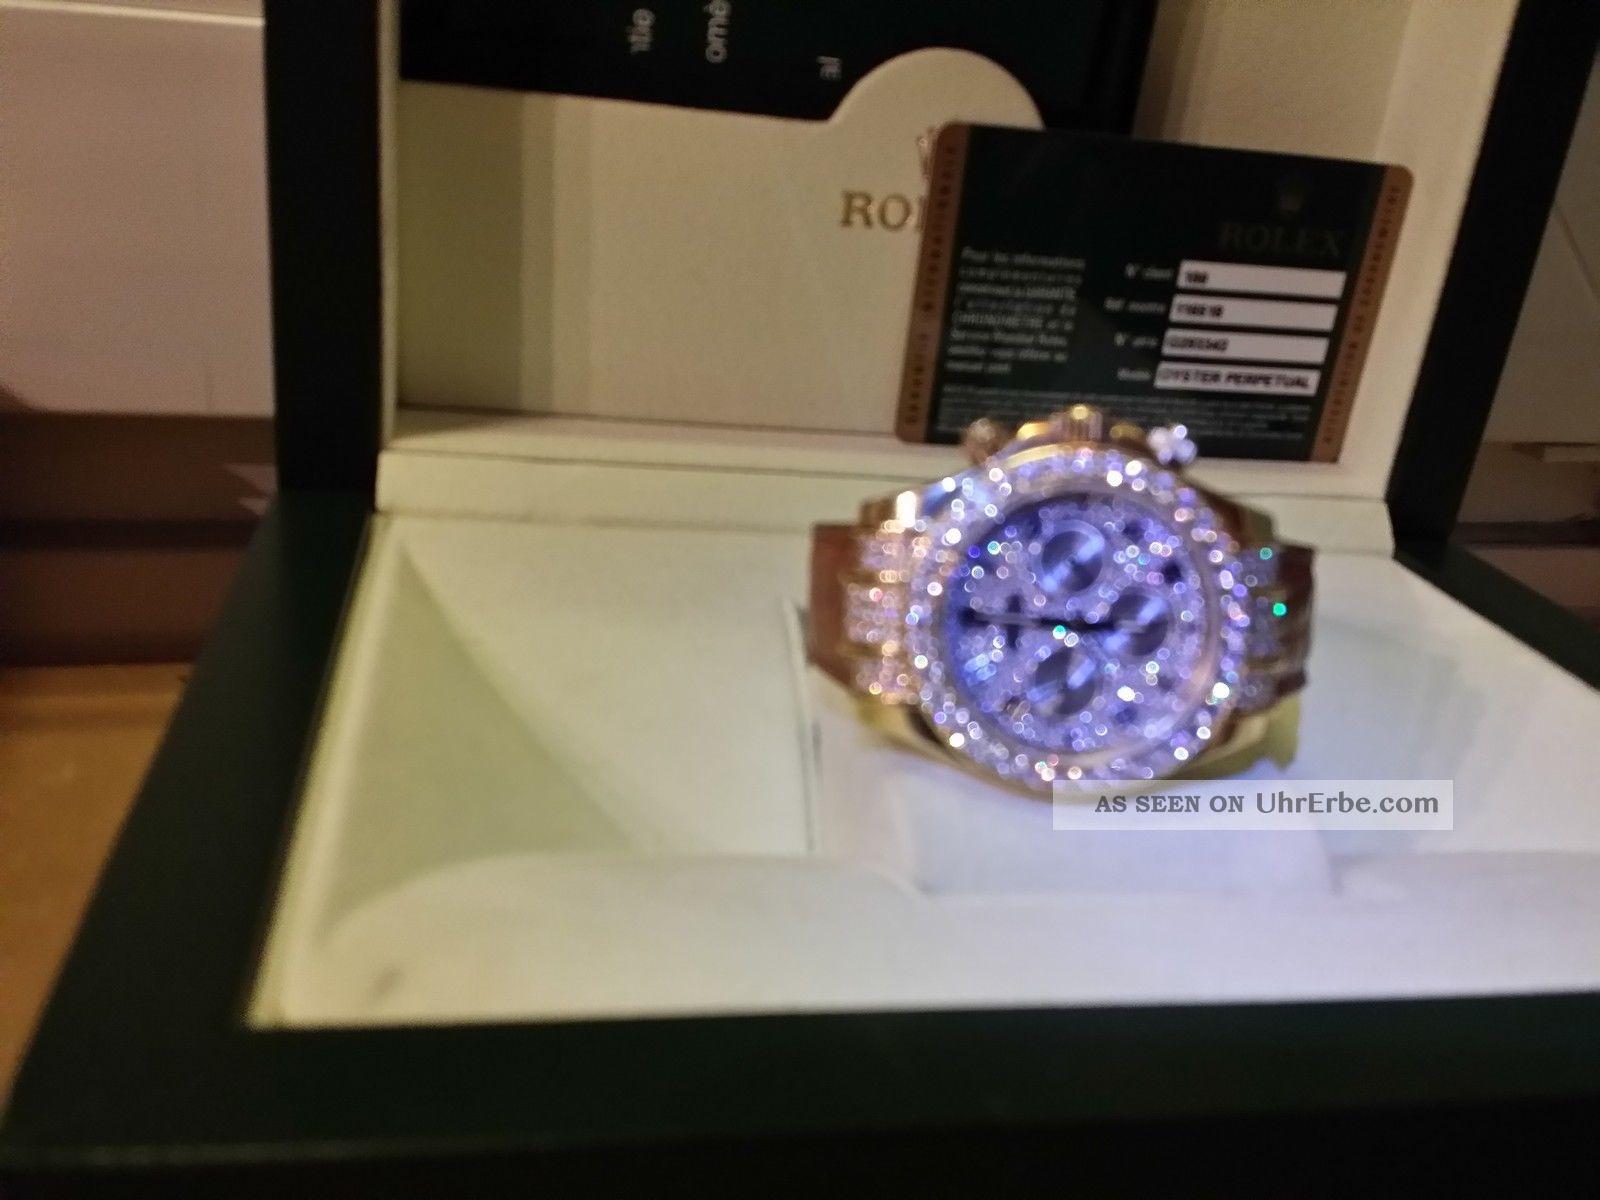 rolex daytona deutsche auslieferung von 2012 18k gg gold diamanten diamond. Black Bedroom Furniture Sets. Home Design Ideas